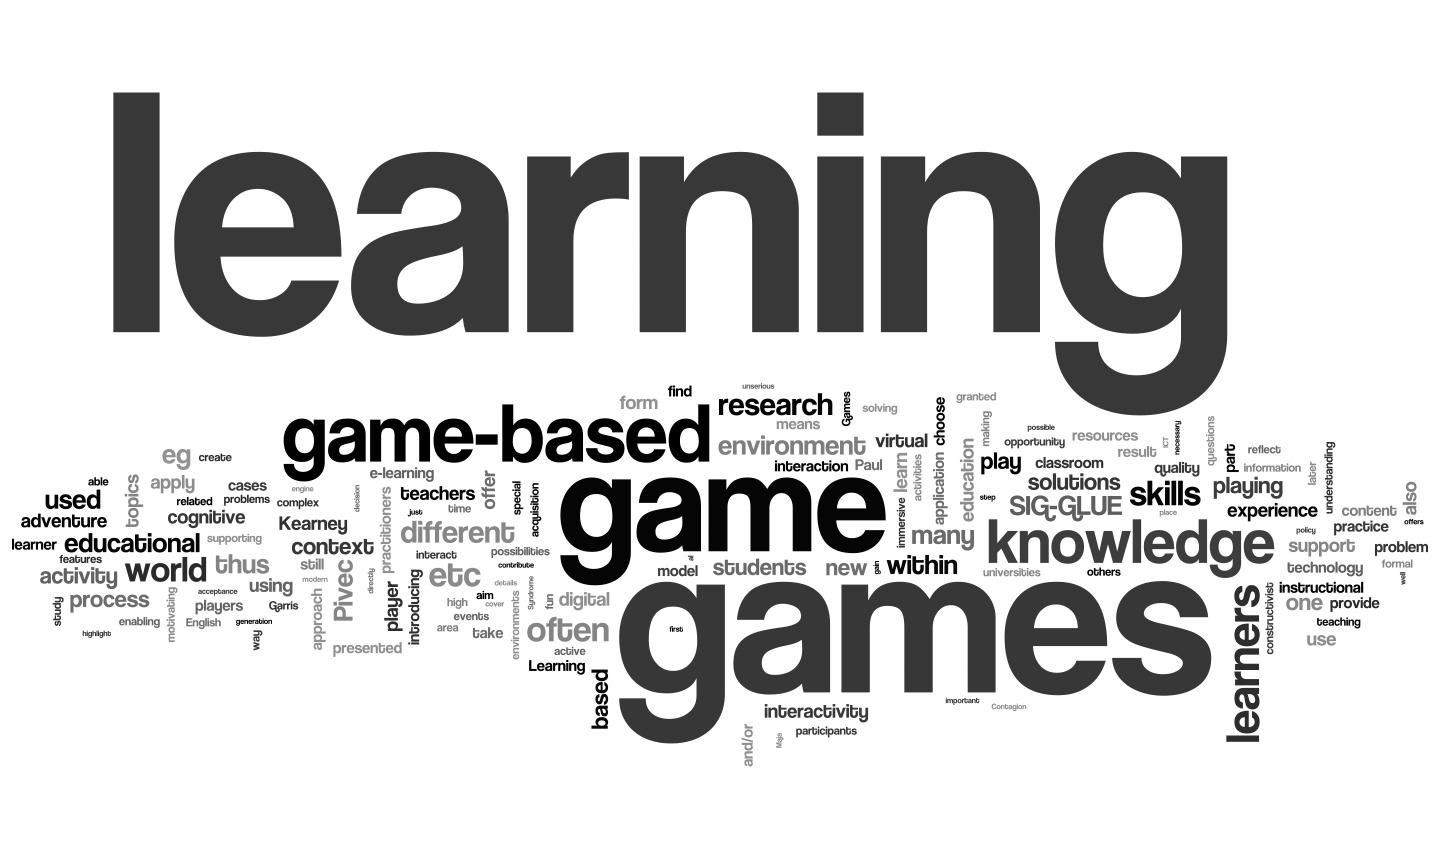 Gamification ed educazione: un nuovo approccio